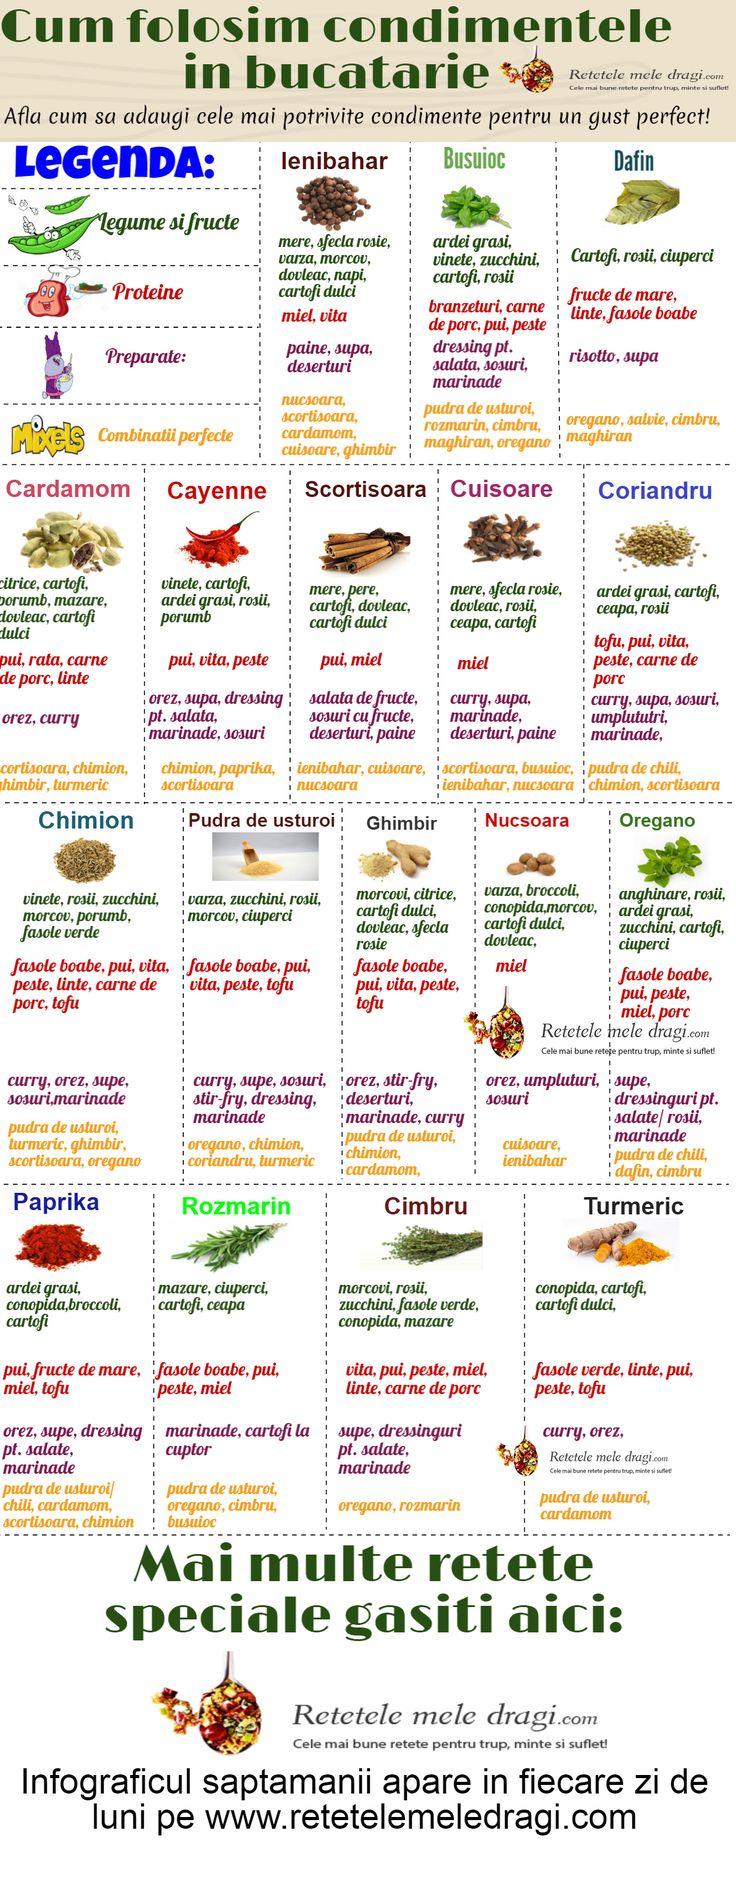 Cum folosim condimentele in bucatarie